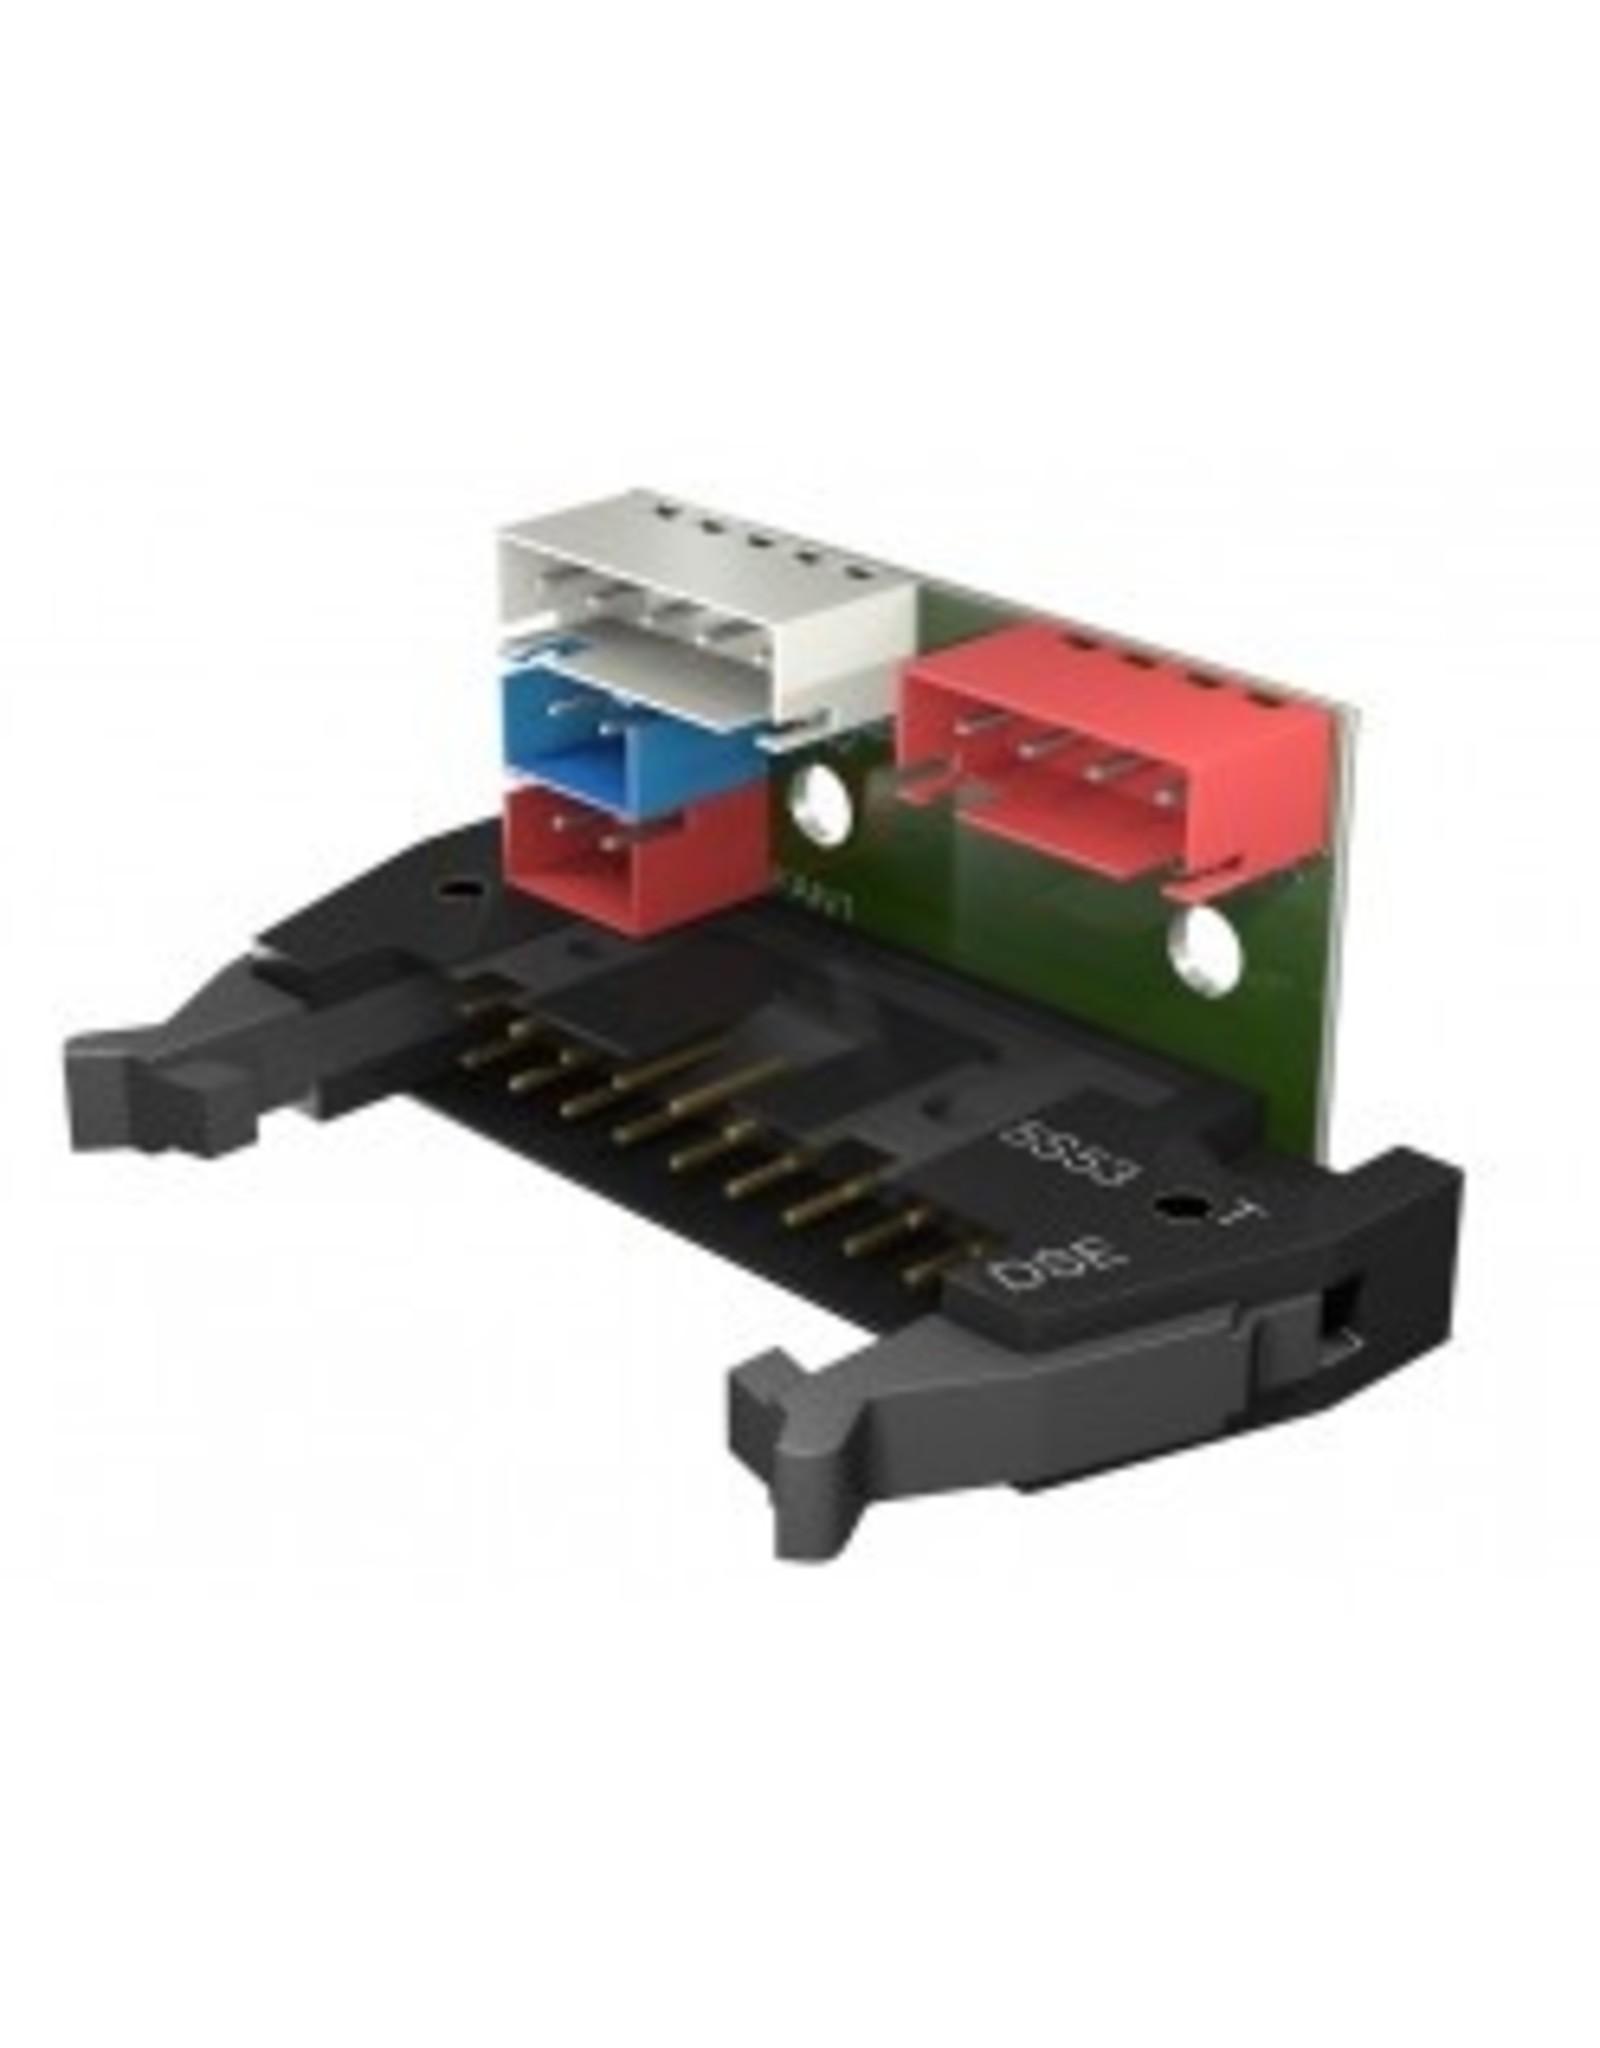 Zortrax Zortax M200 / M300 Extruder PCB